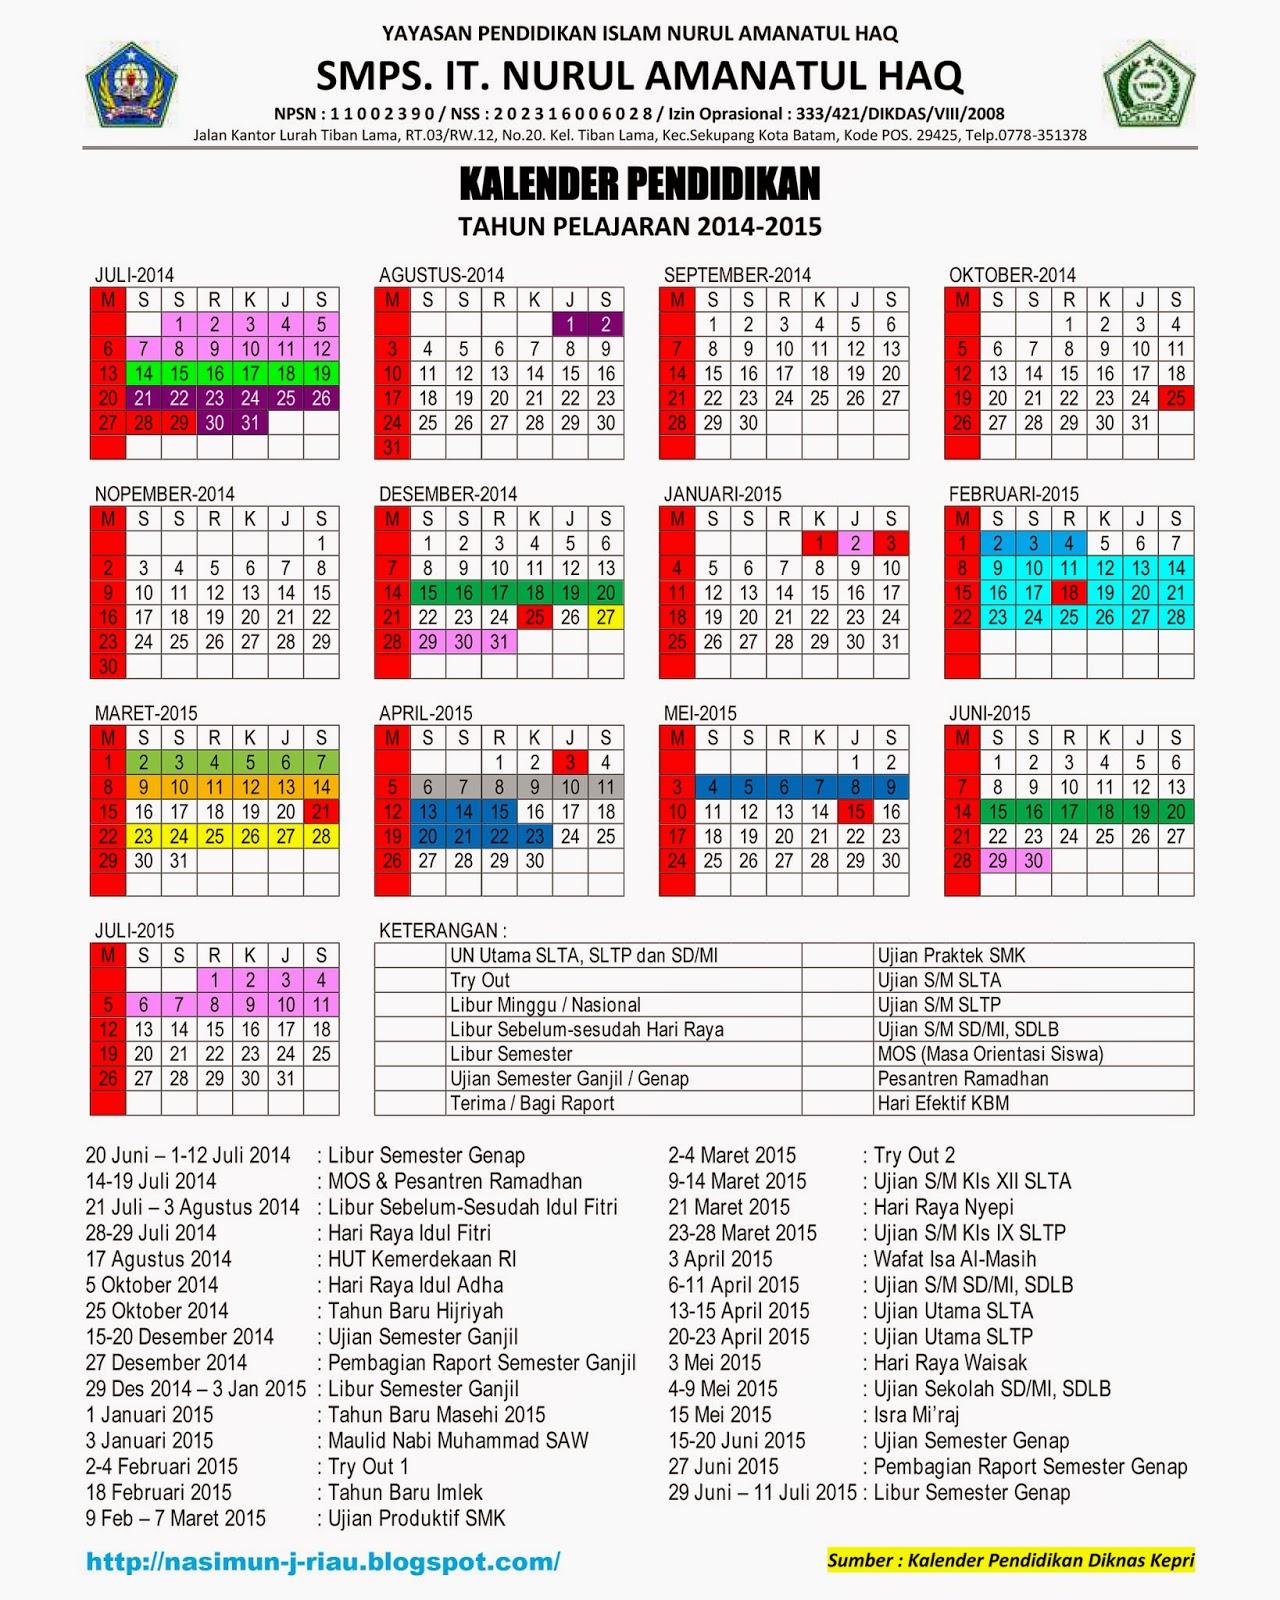 Kalender Pendidikan 2015 Kepulauan Riau Wind S Creative Batam Nasimun J Riau November 2014